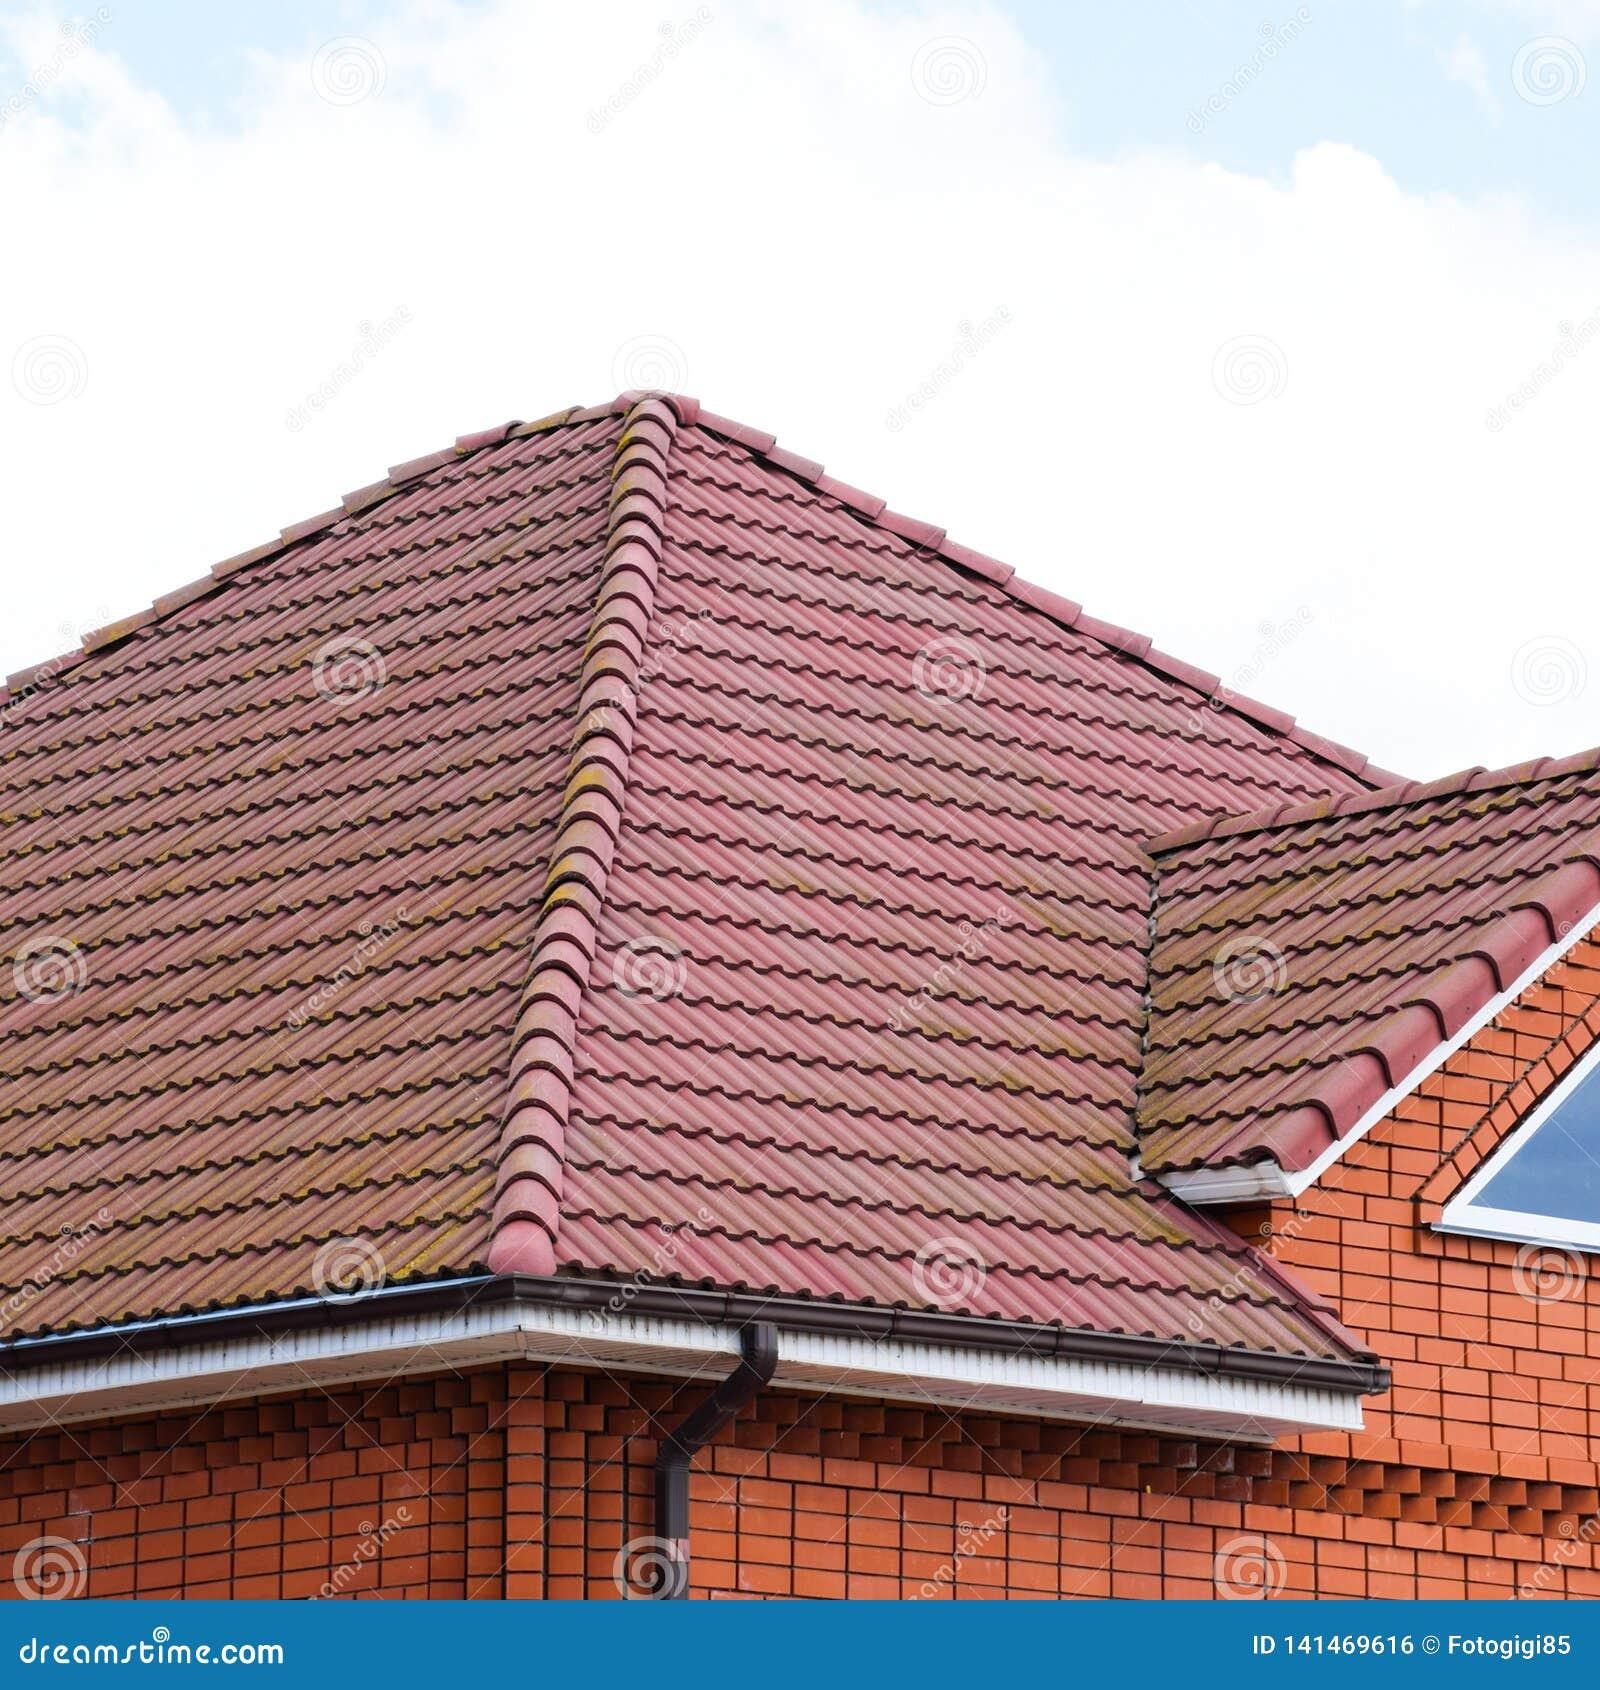 Huset med ett tak av klassiska tegelplattor